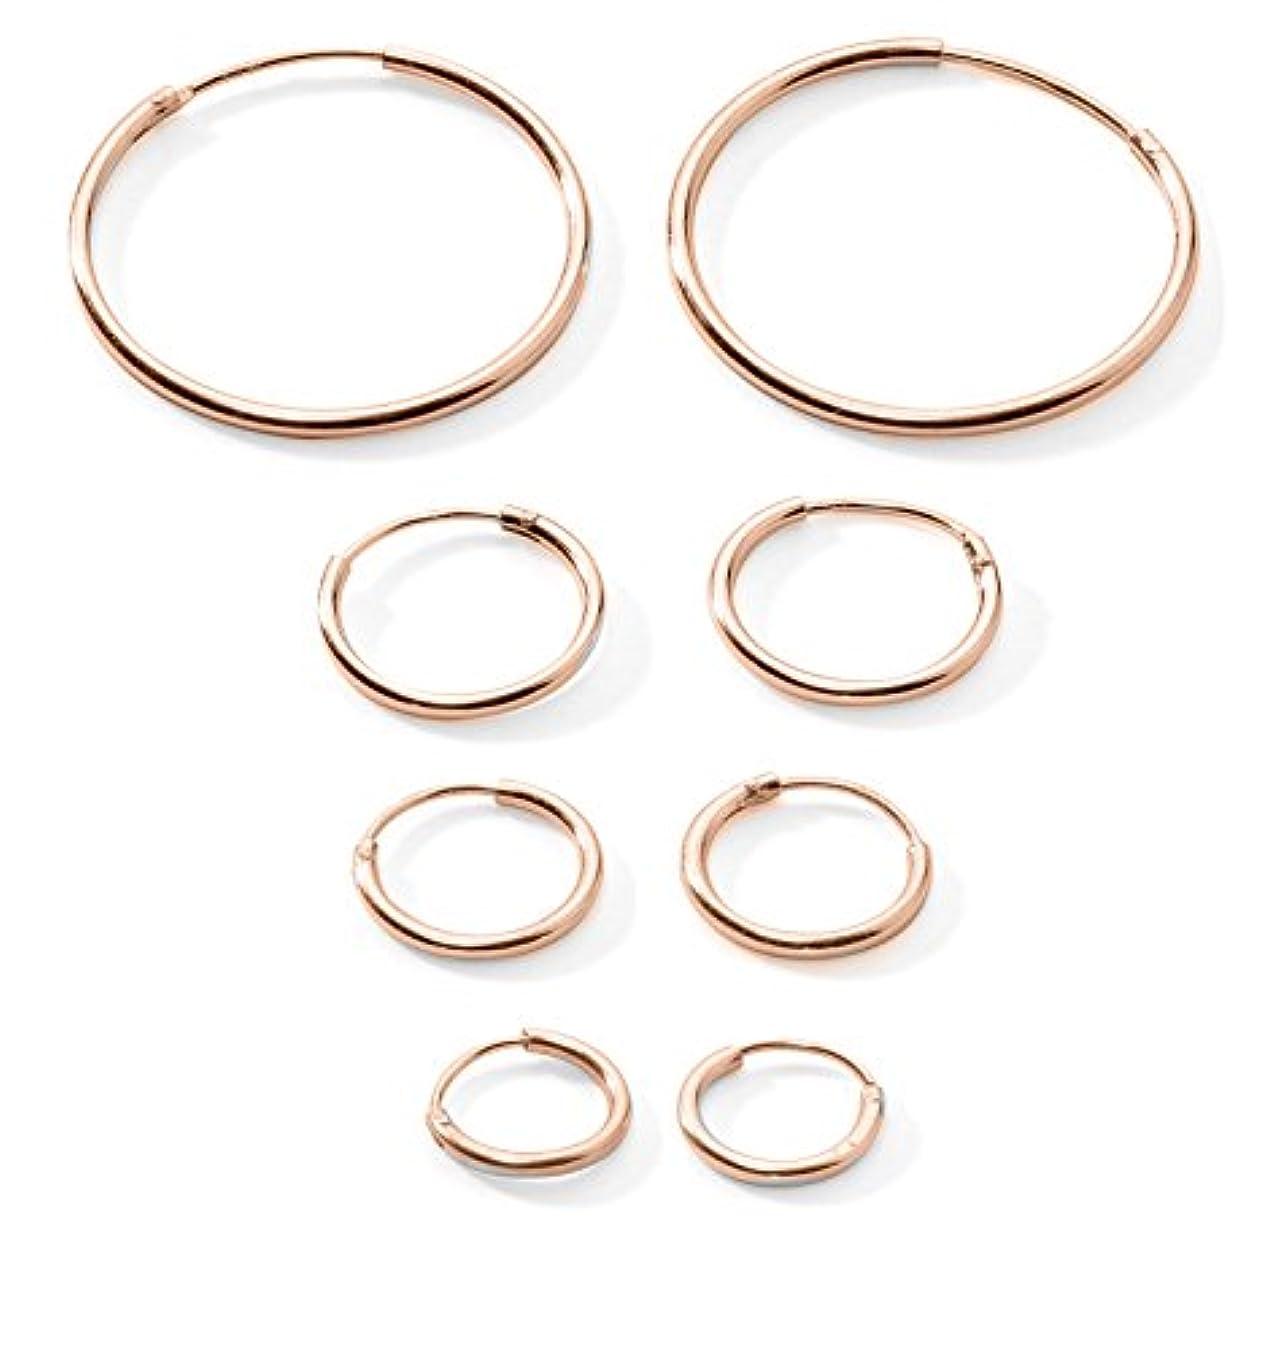 ニッケル合法のぞき穴4-pairs軟骨/鼻/唇スターリングシルバー925小さなエンドレスフープイヤリング10 mm , 12 mm , 14 mm & 20 mm